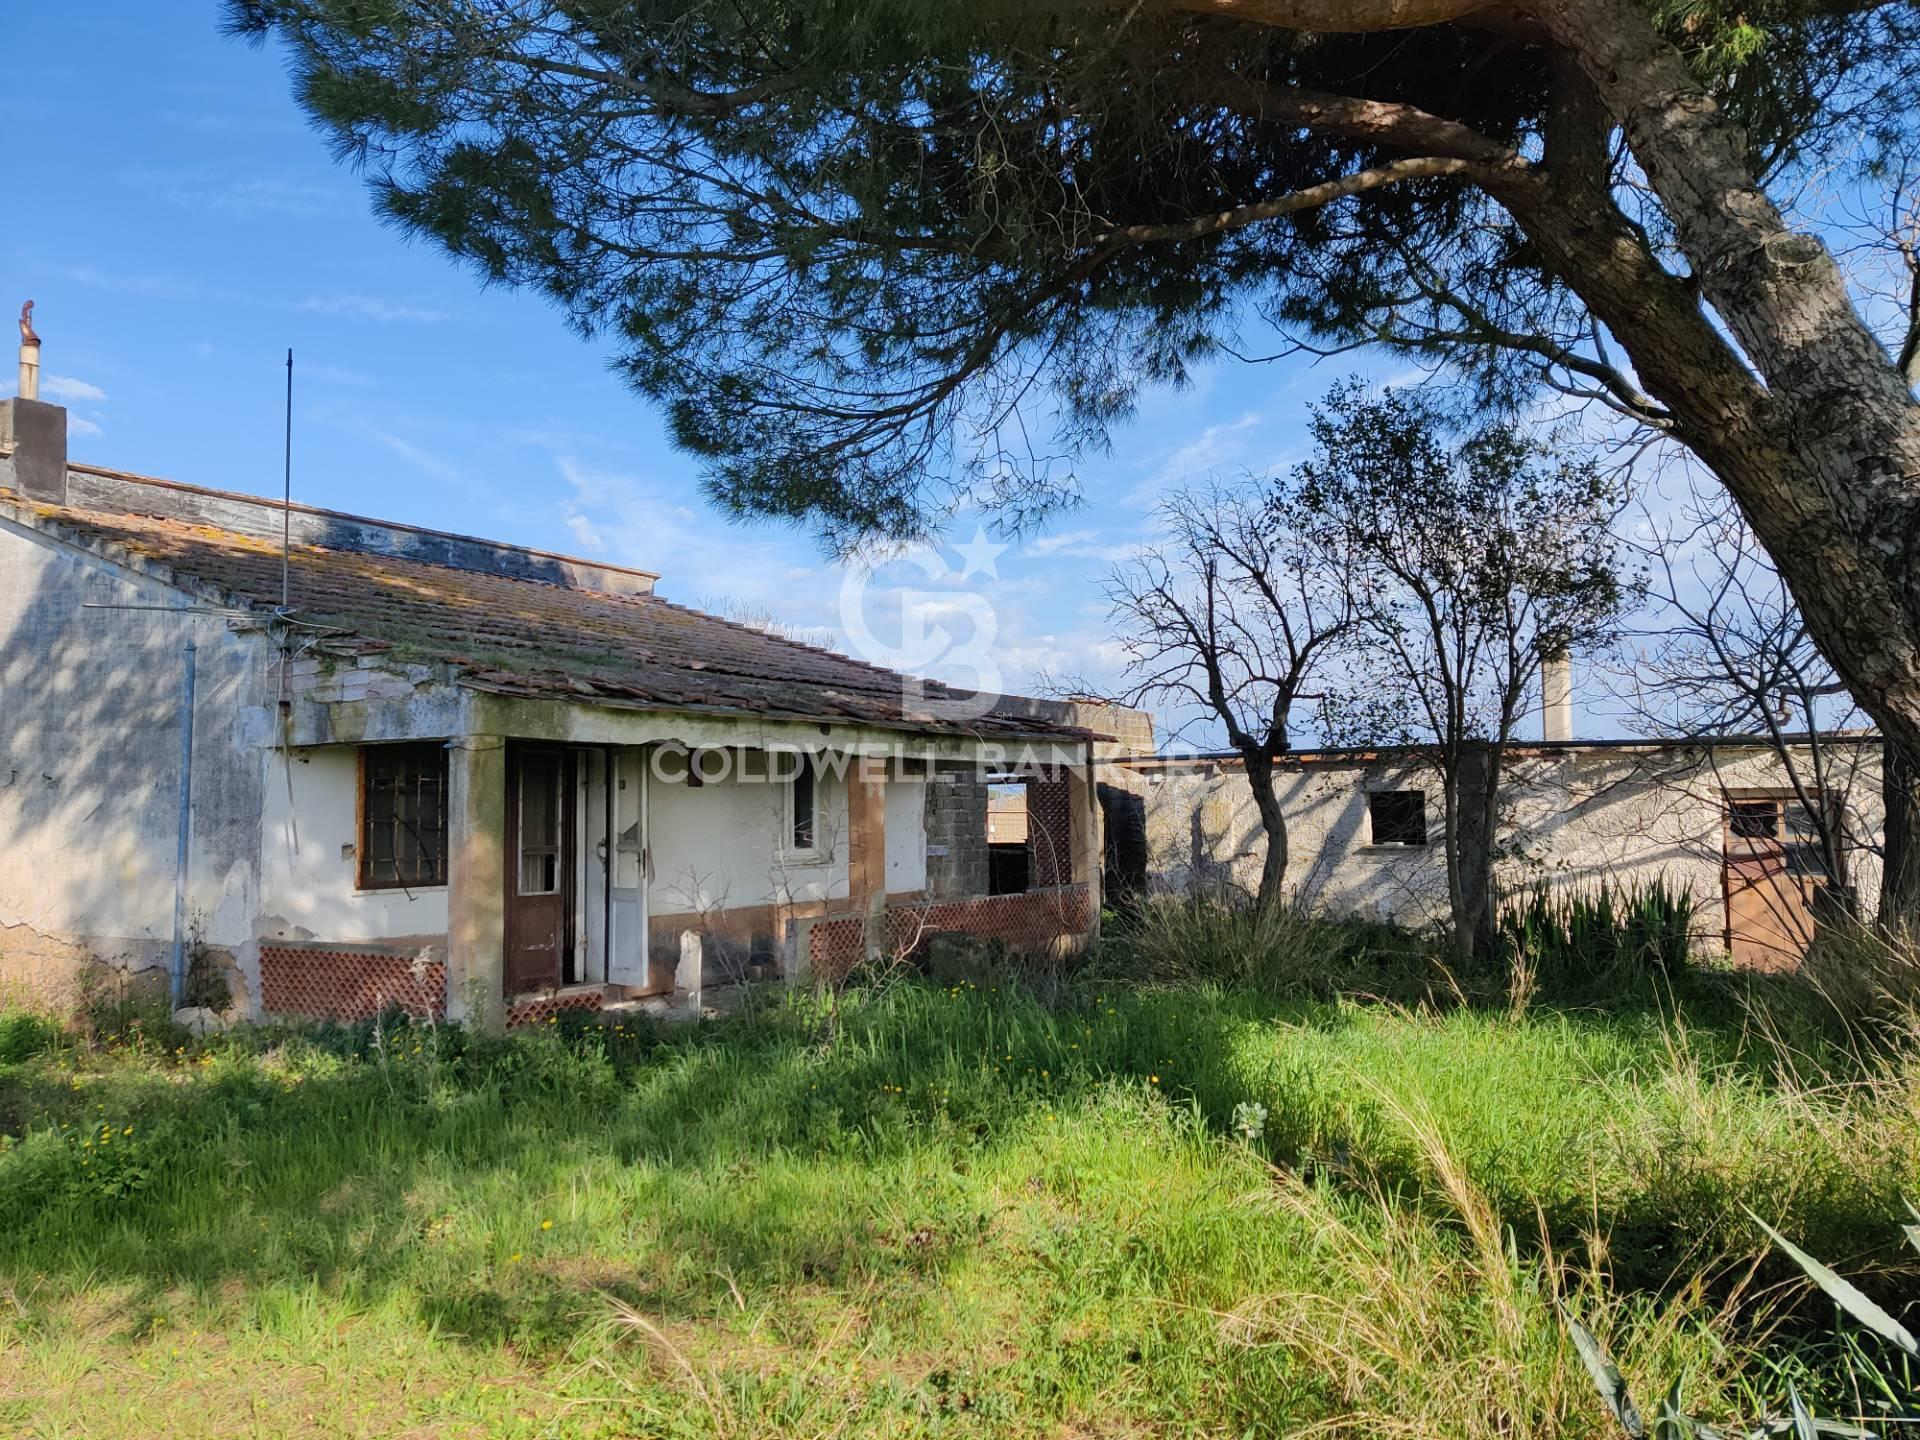 Rustico / Casale in vendita a Montalto di Castro, 8 locali, prezzo € 175.000 | CambioCasa.it